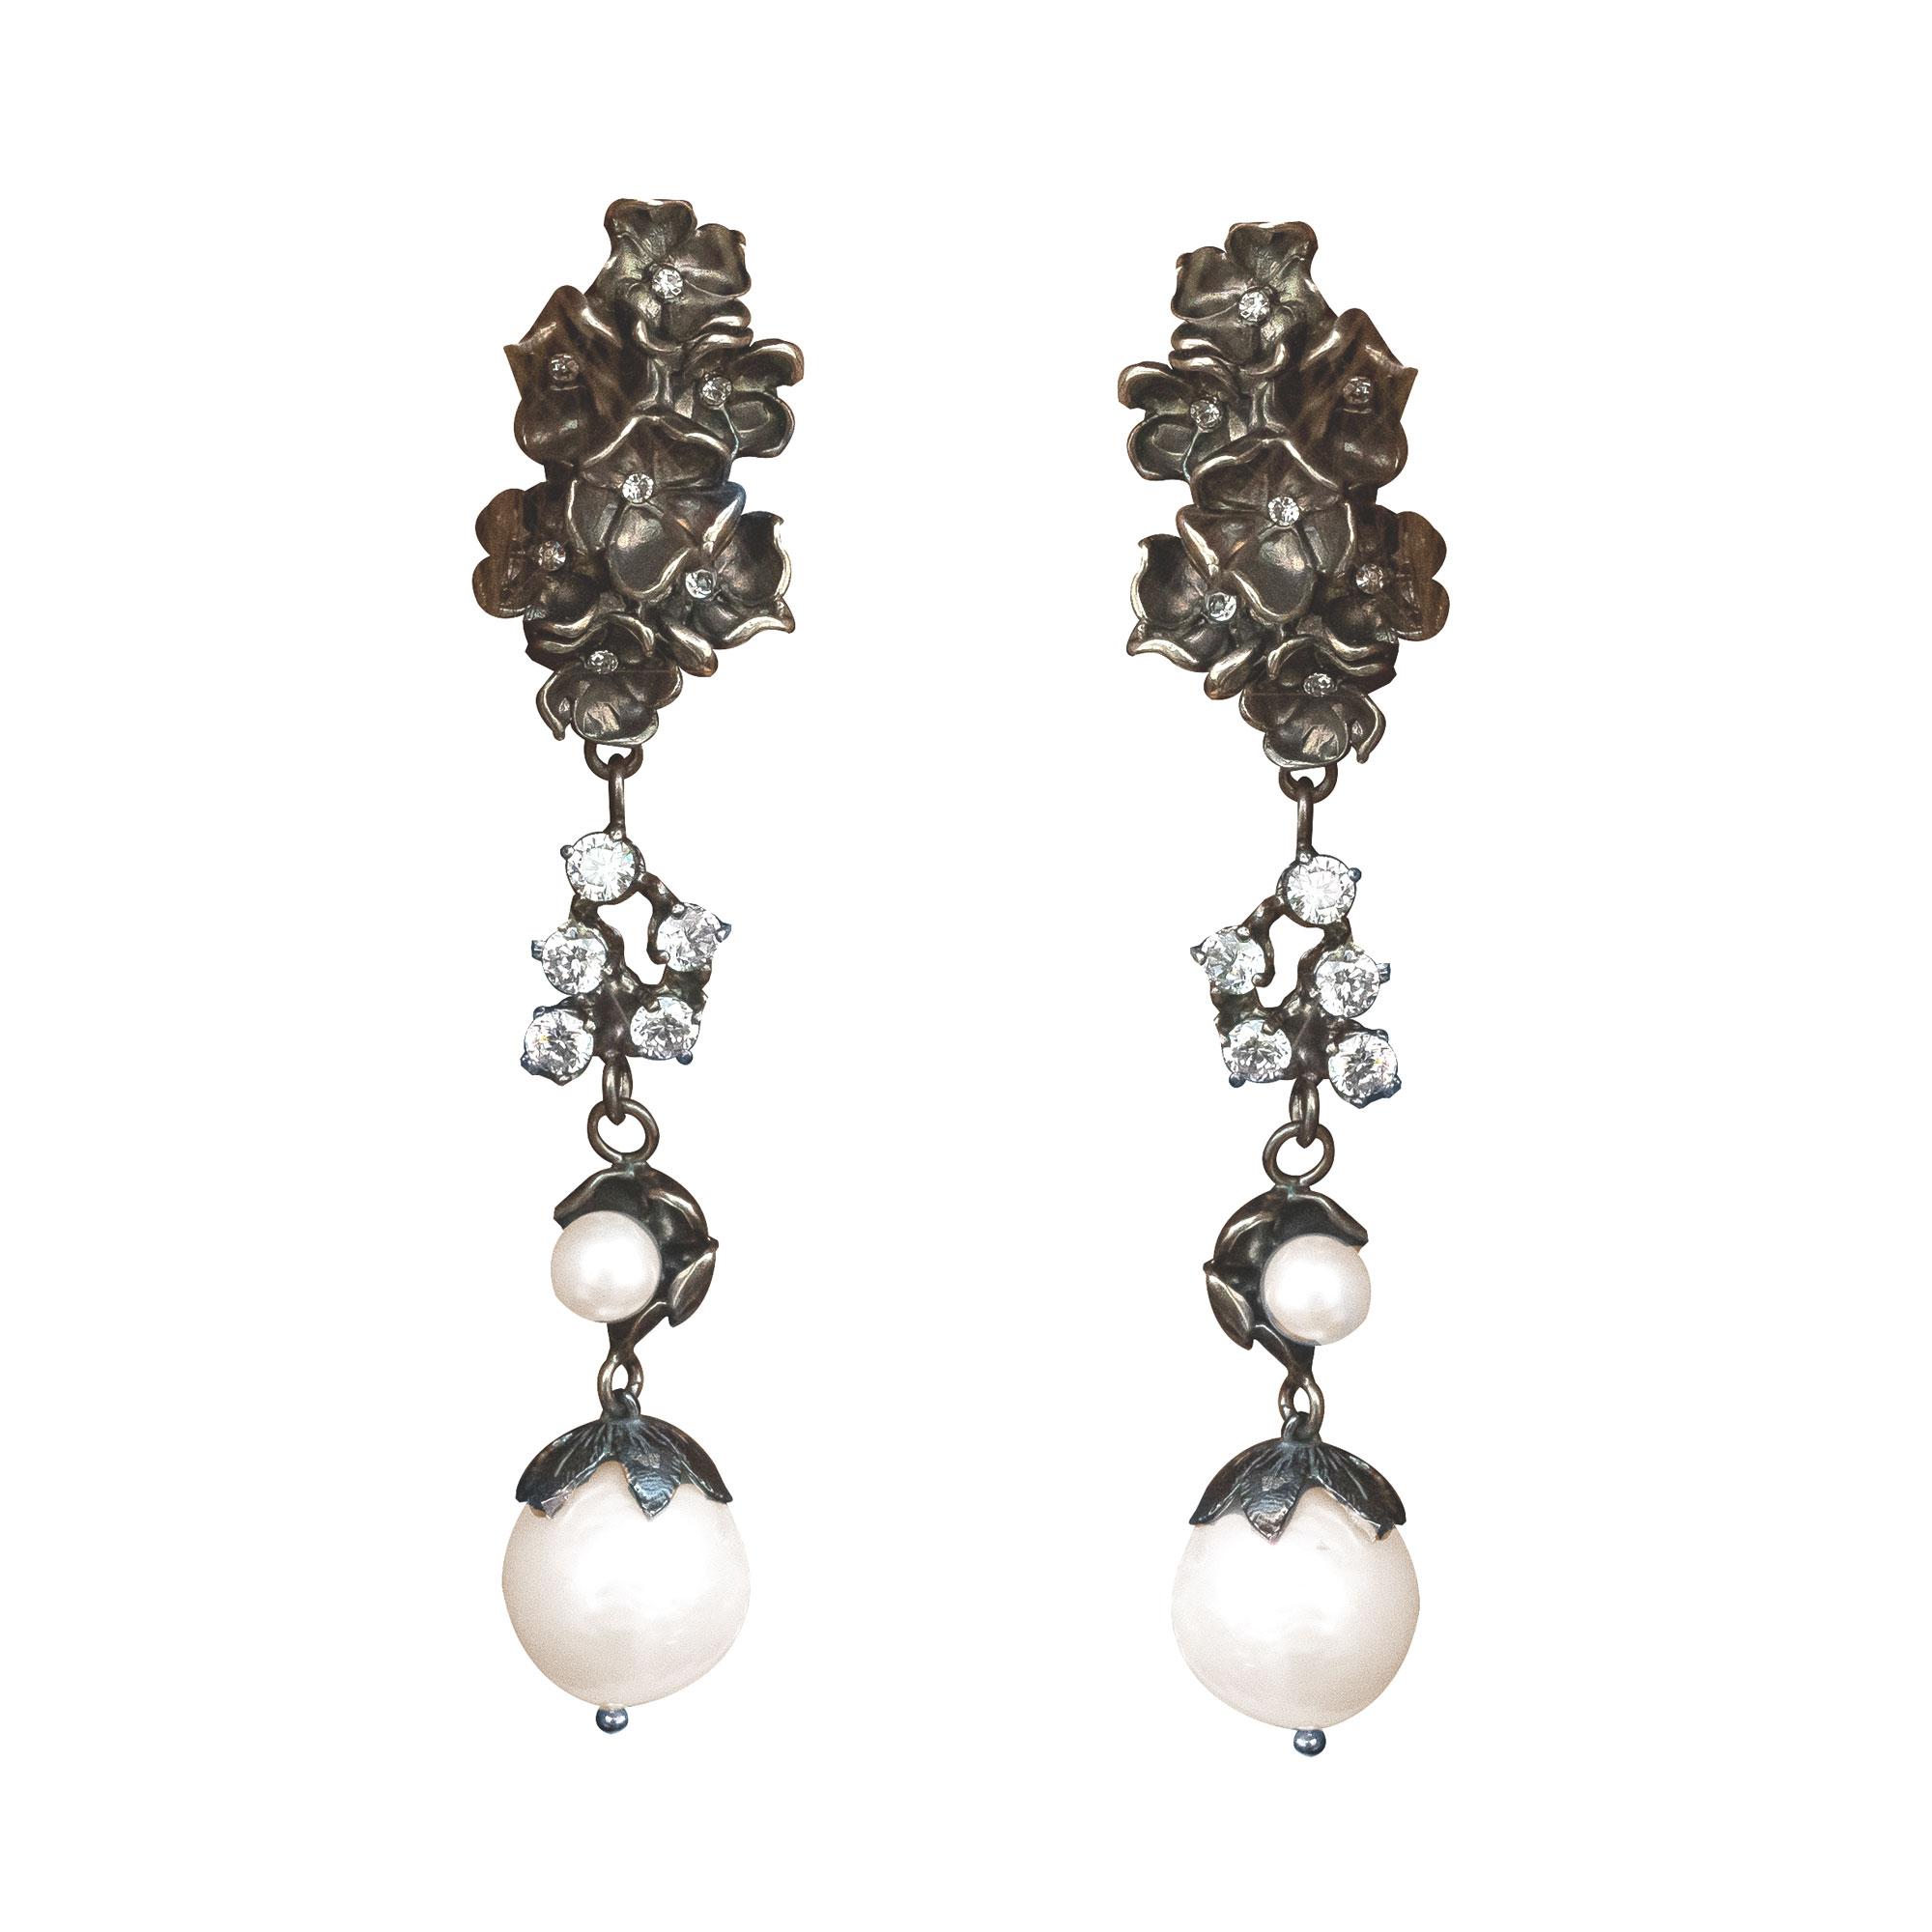 Orecchini Argento 925 brunito; perle fresh-water e zirconi naturali. Chiusura per lobi forati.